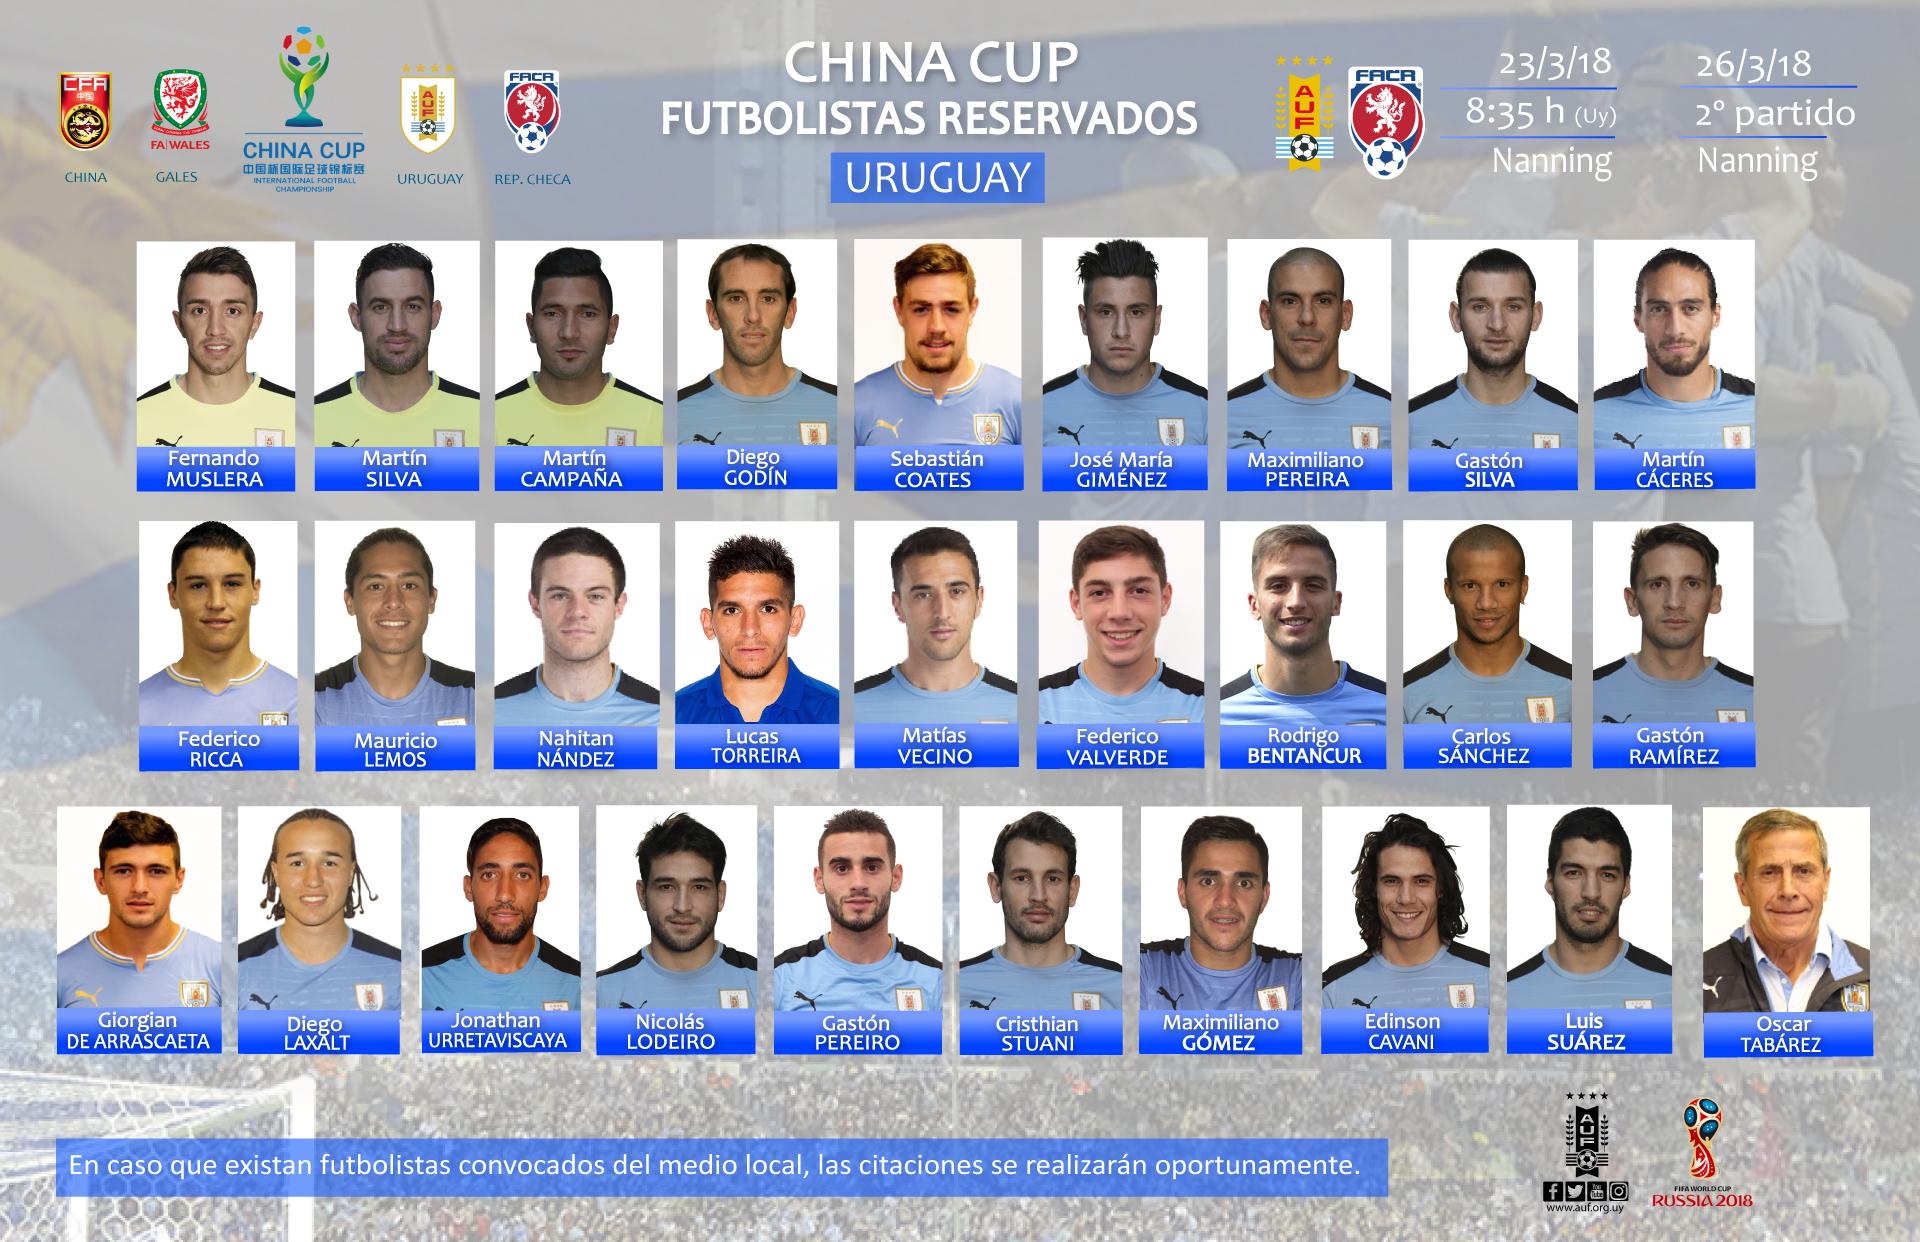 Uruguay dio su convocatoria para la China Cup